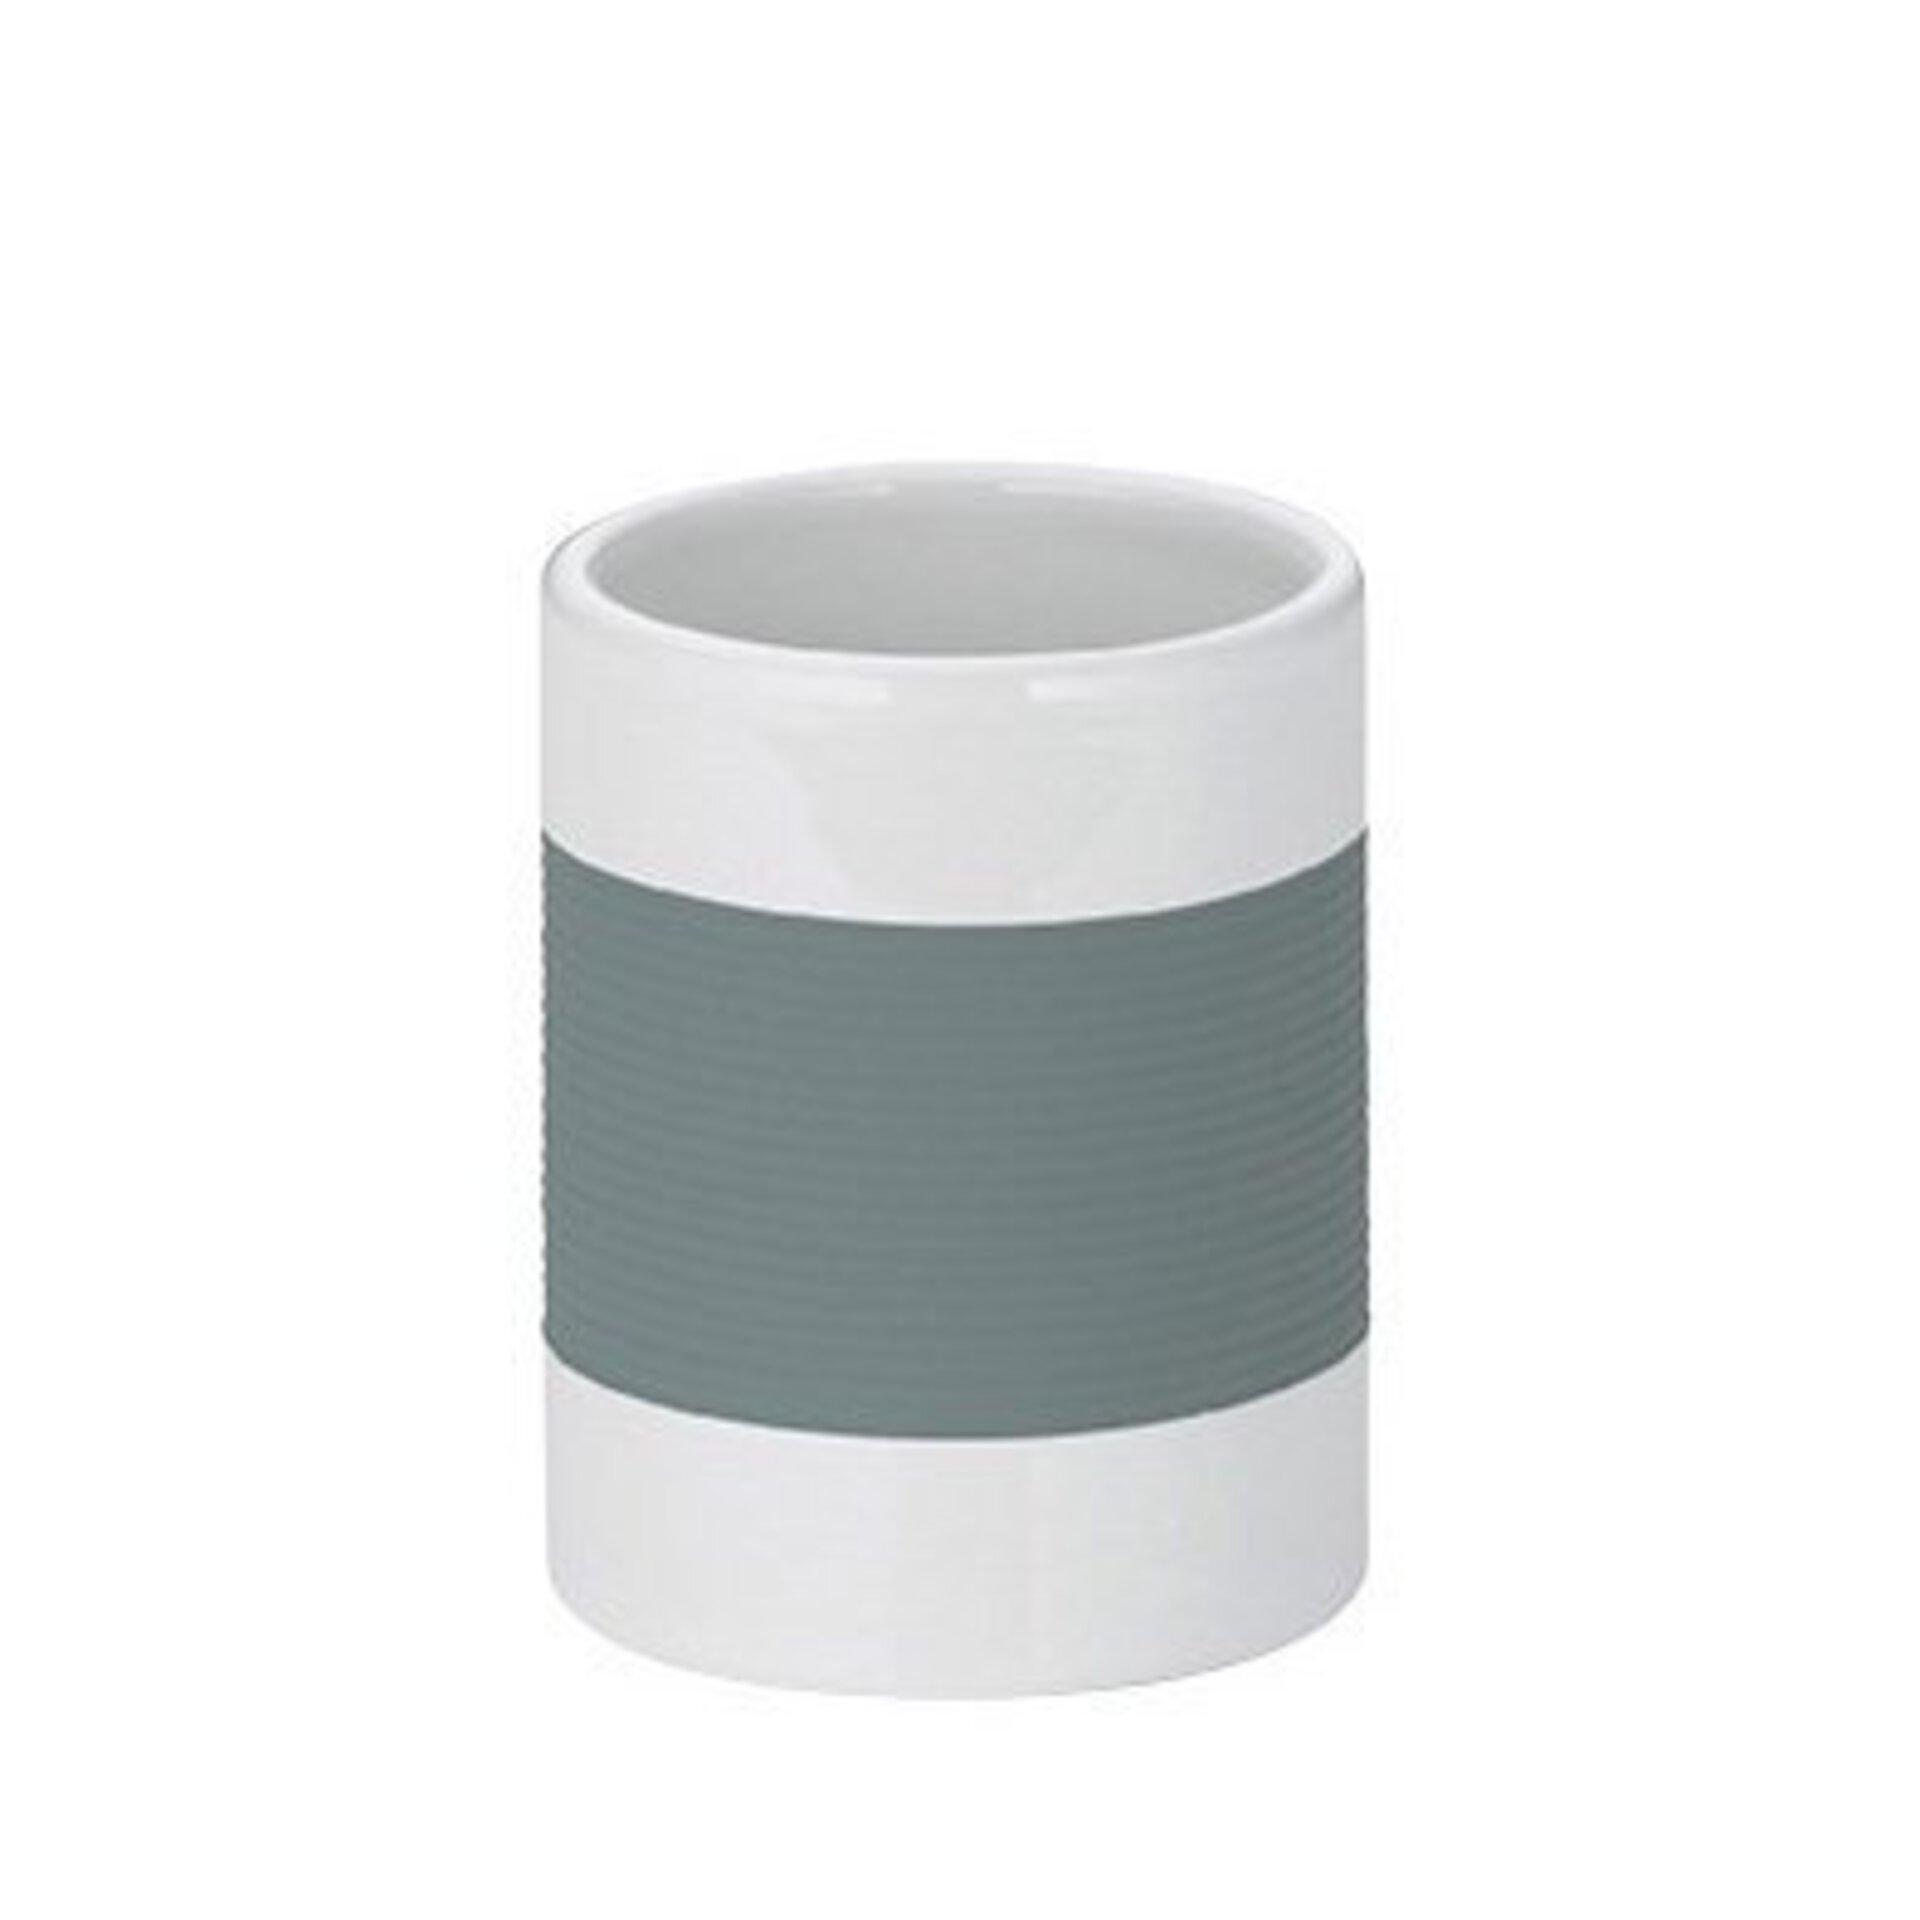 Zahnputzbecher Laletta Kela Keramik grau 4 x 10 x 4 cm